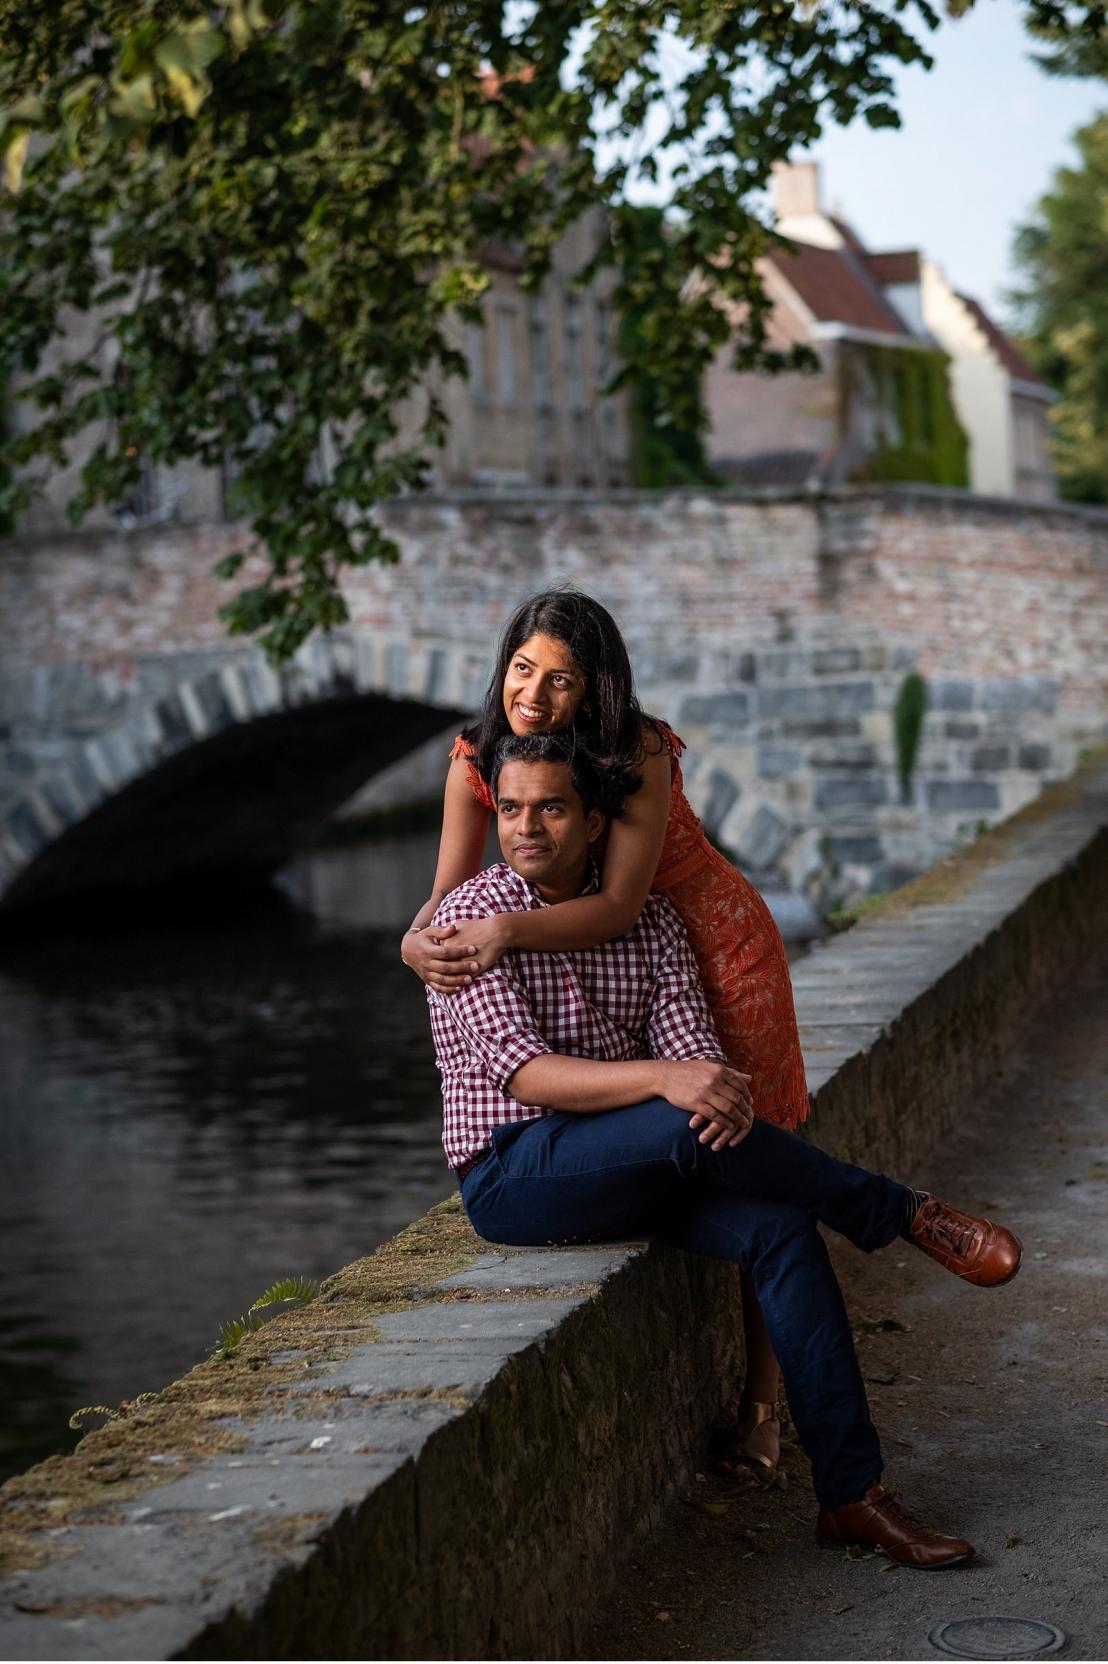 Surprise wedding proposal on a bridge in Bruges